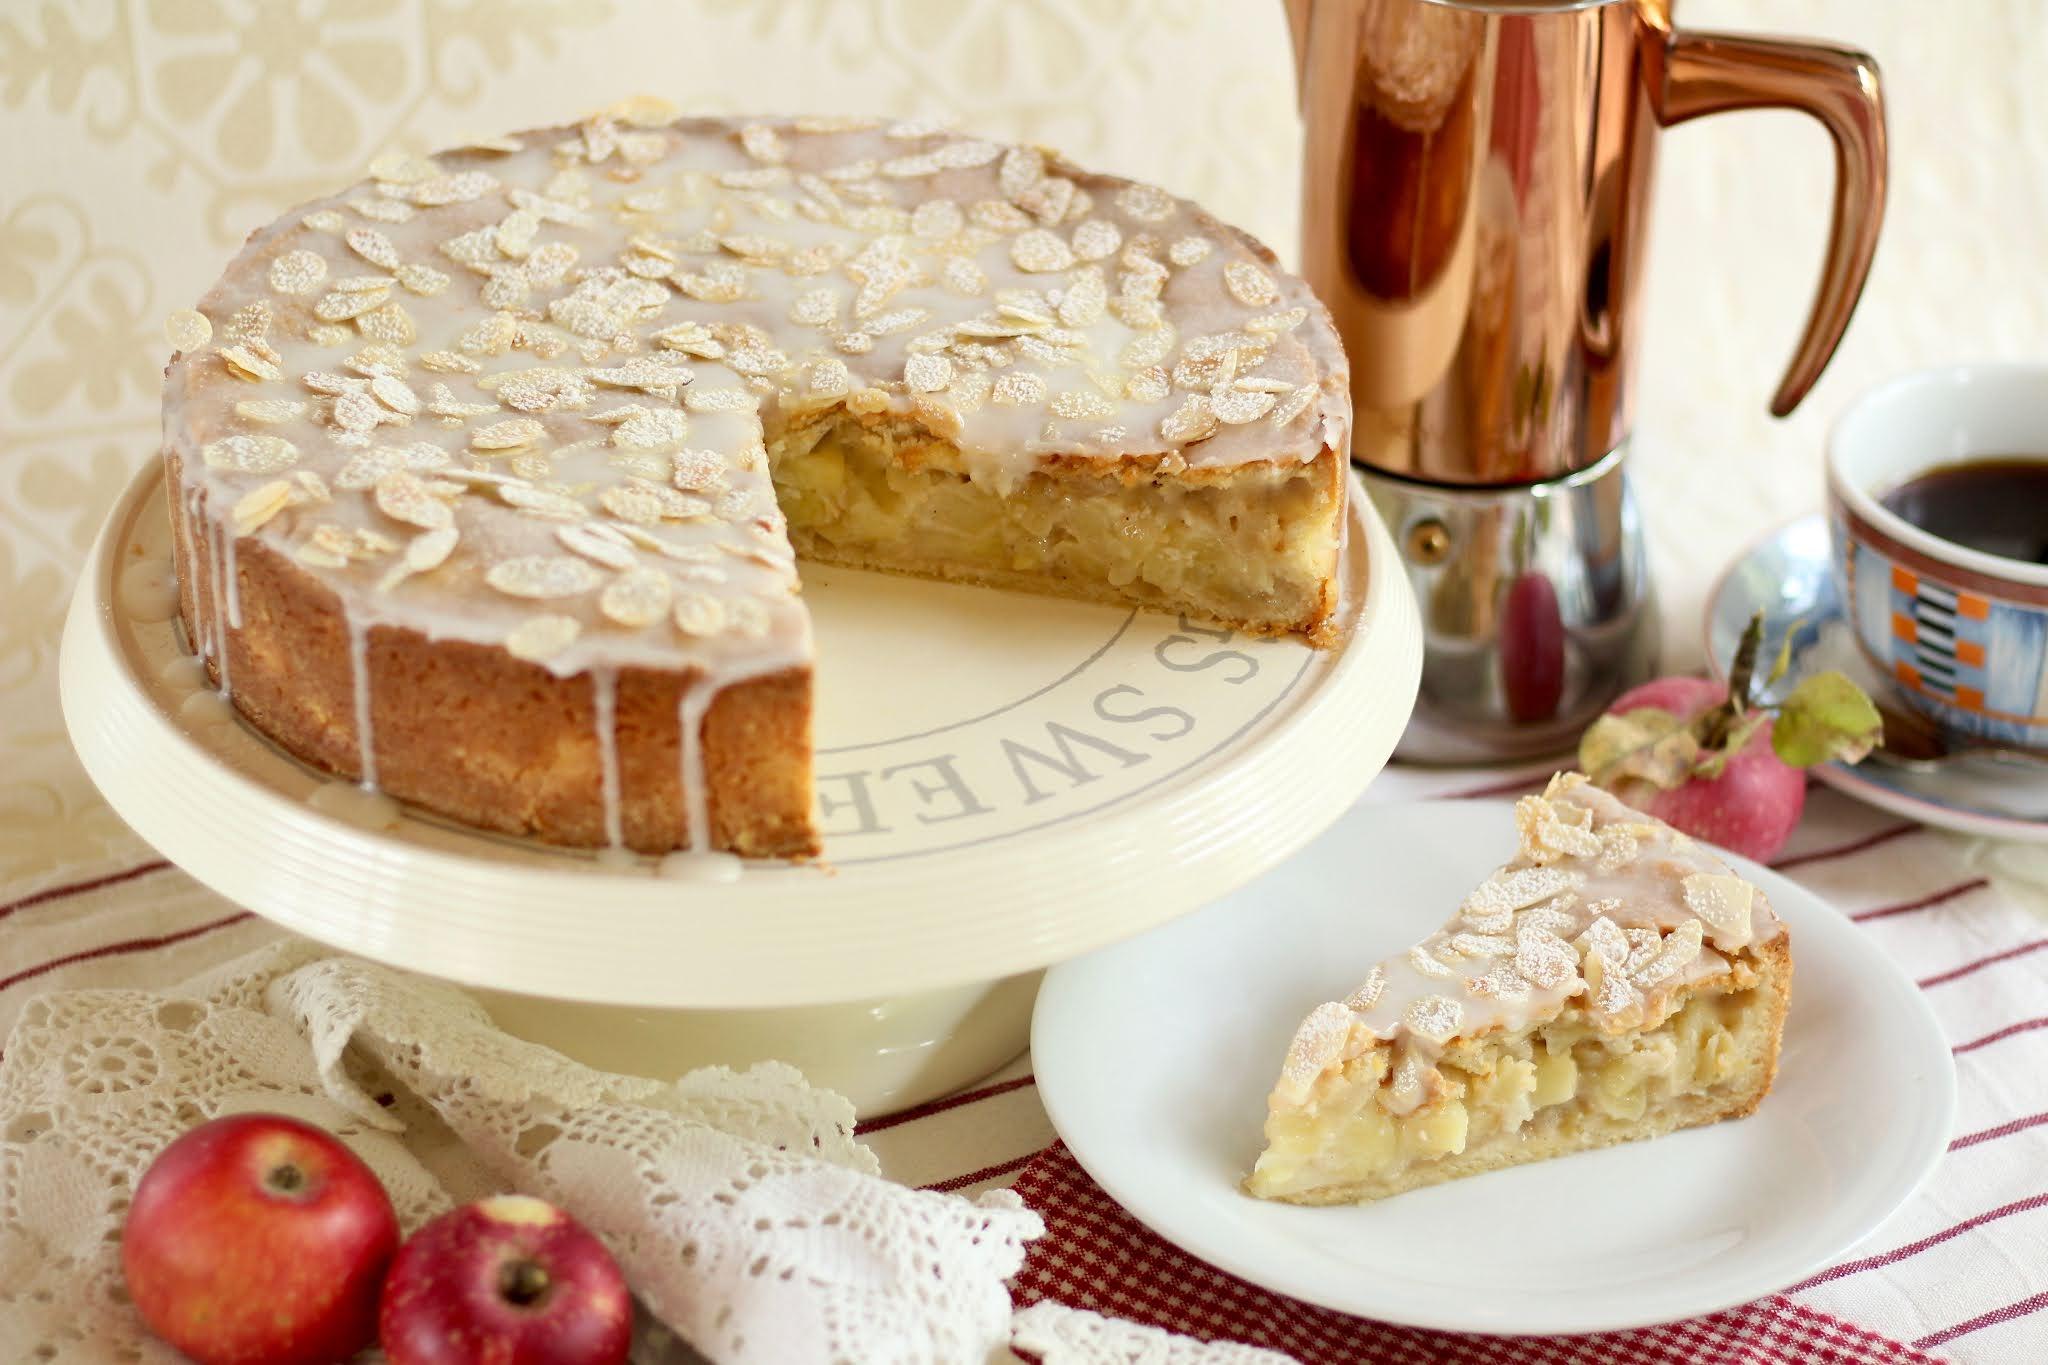 Der Kuchenklassiker: Gedeckter Apfelkuchen. Köstliche, herbstliche Apfeltorte! | Rezept und Video